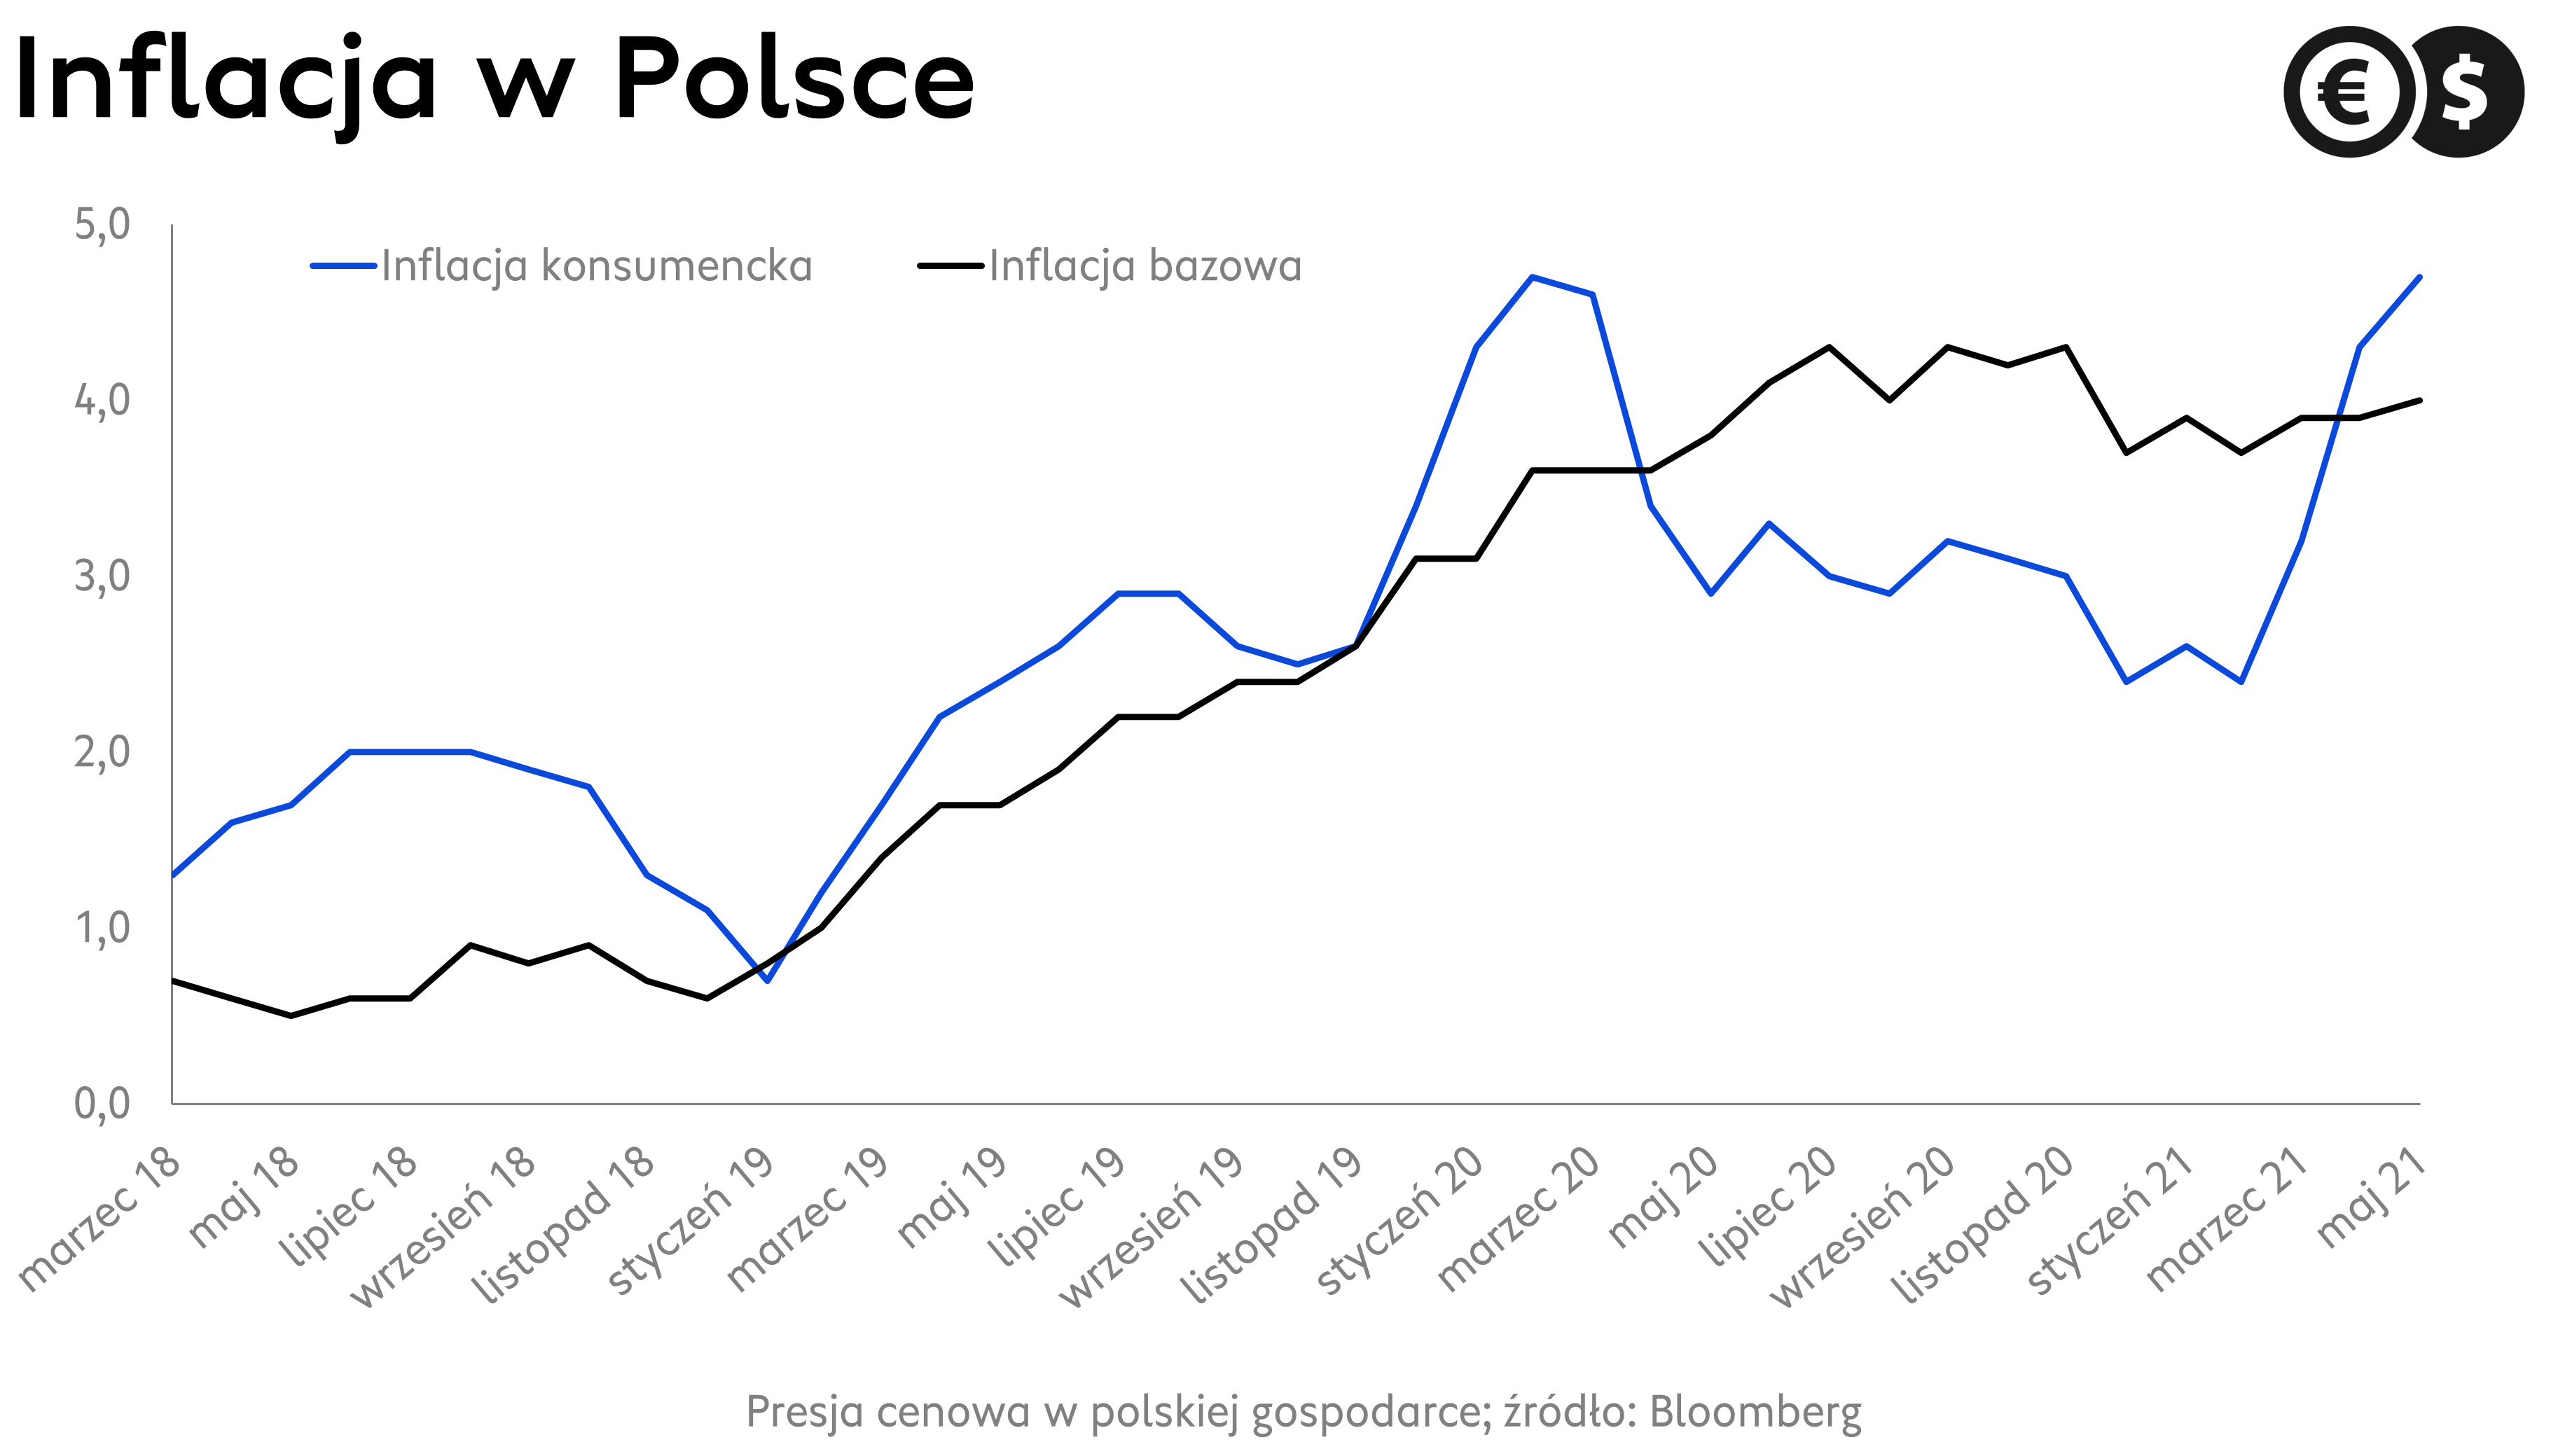 Dynamika inflacji w Polsce; źródło: Bloomberg